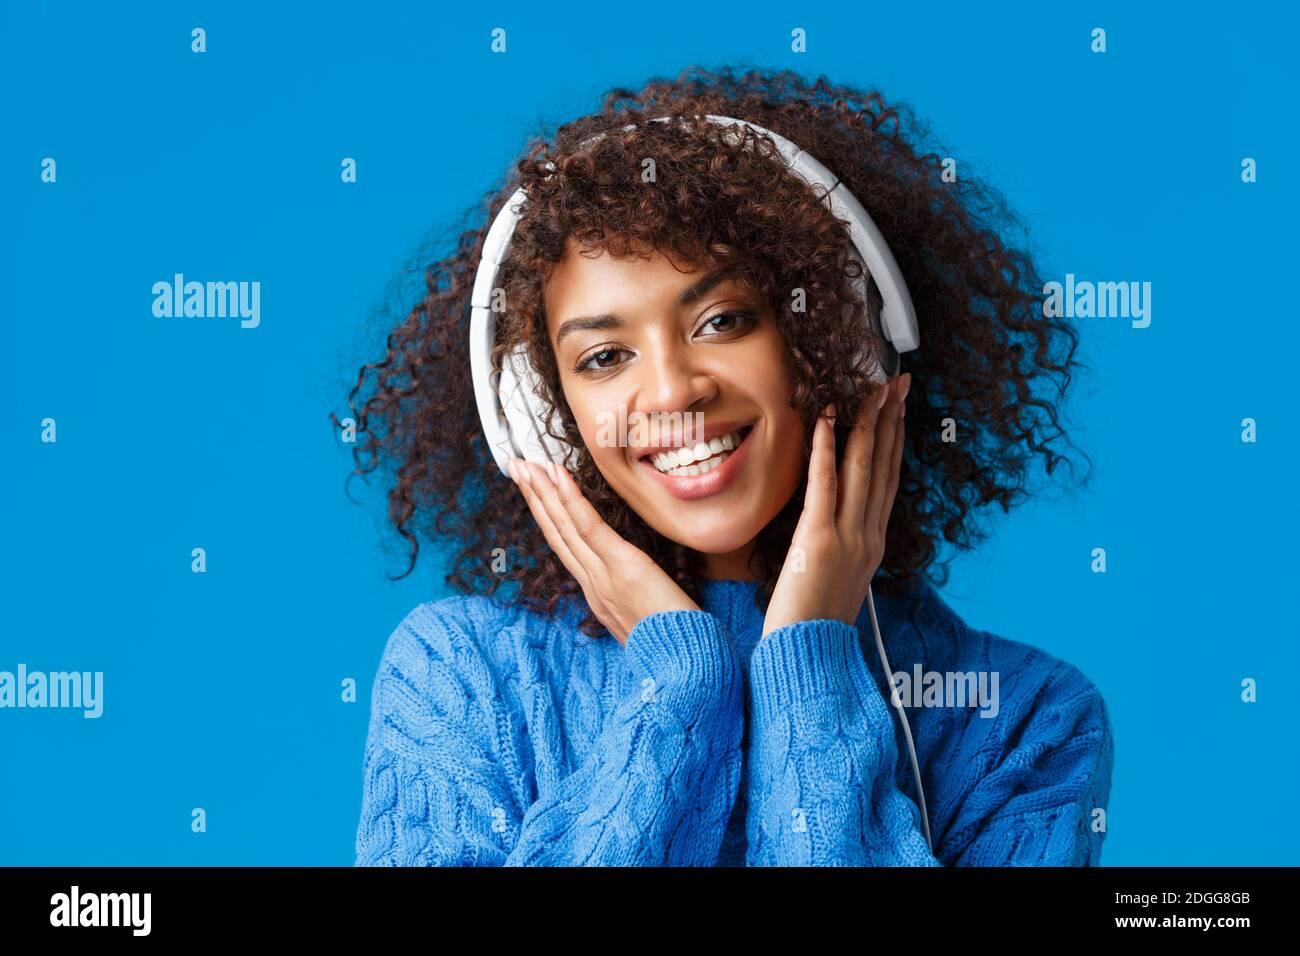 Portrait en gros plan taille basse femme afro-américaine attrayante avec une coiffure en forme de curly, mettre des écouteurs et sourire, écouter de la musique, Banque D'Images